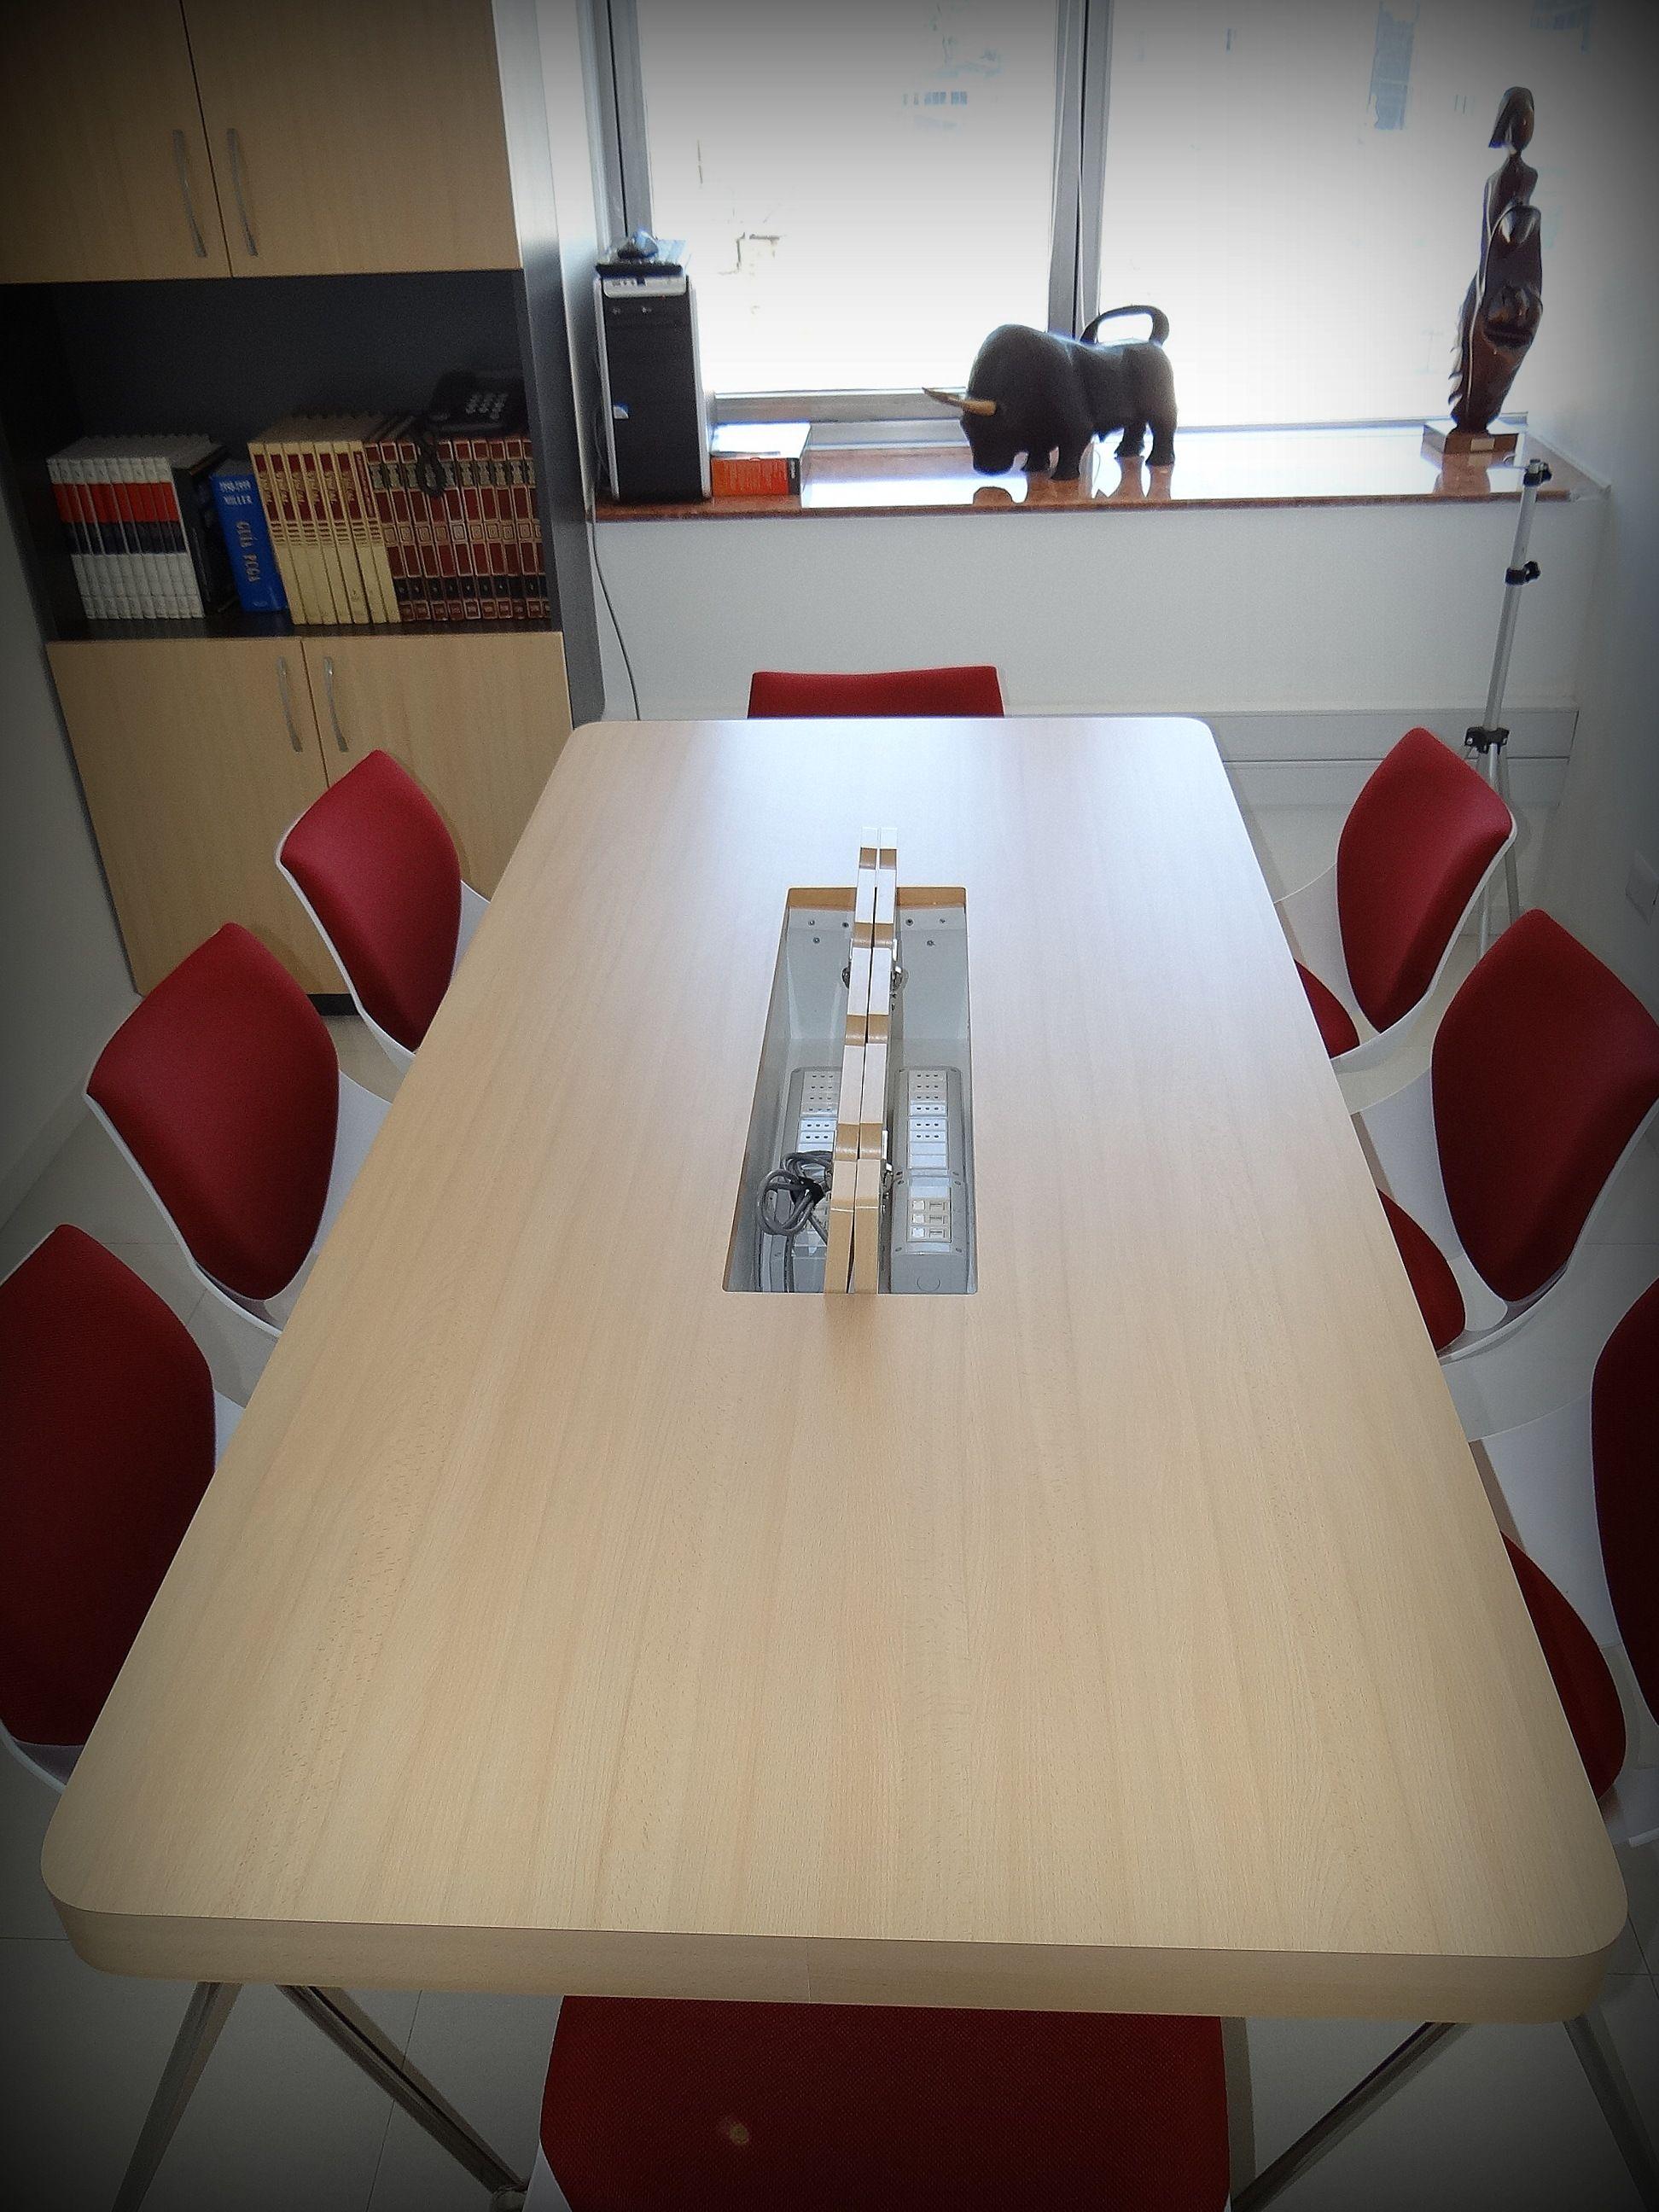 Mesa de reuniones con conexi n el ctrica e internet para for Caja de cataluna oficinas